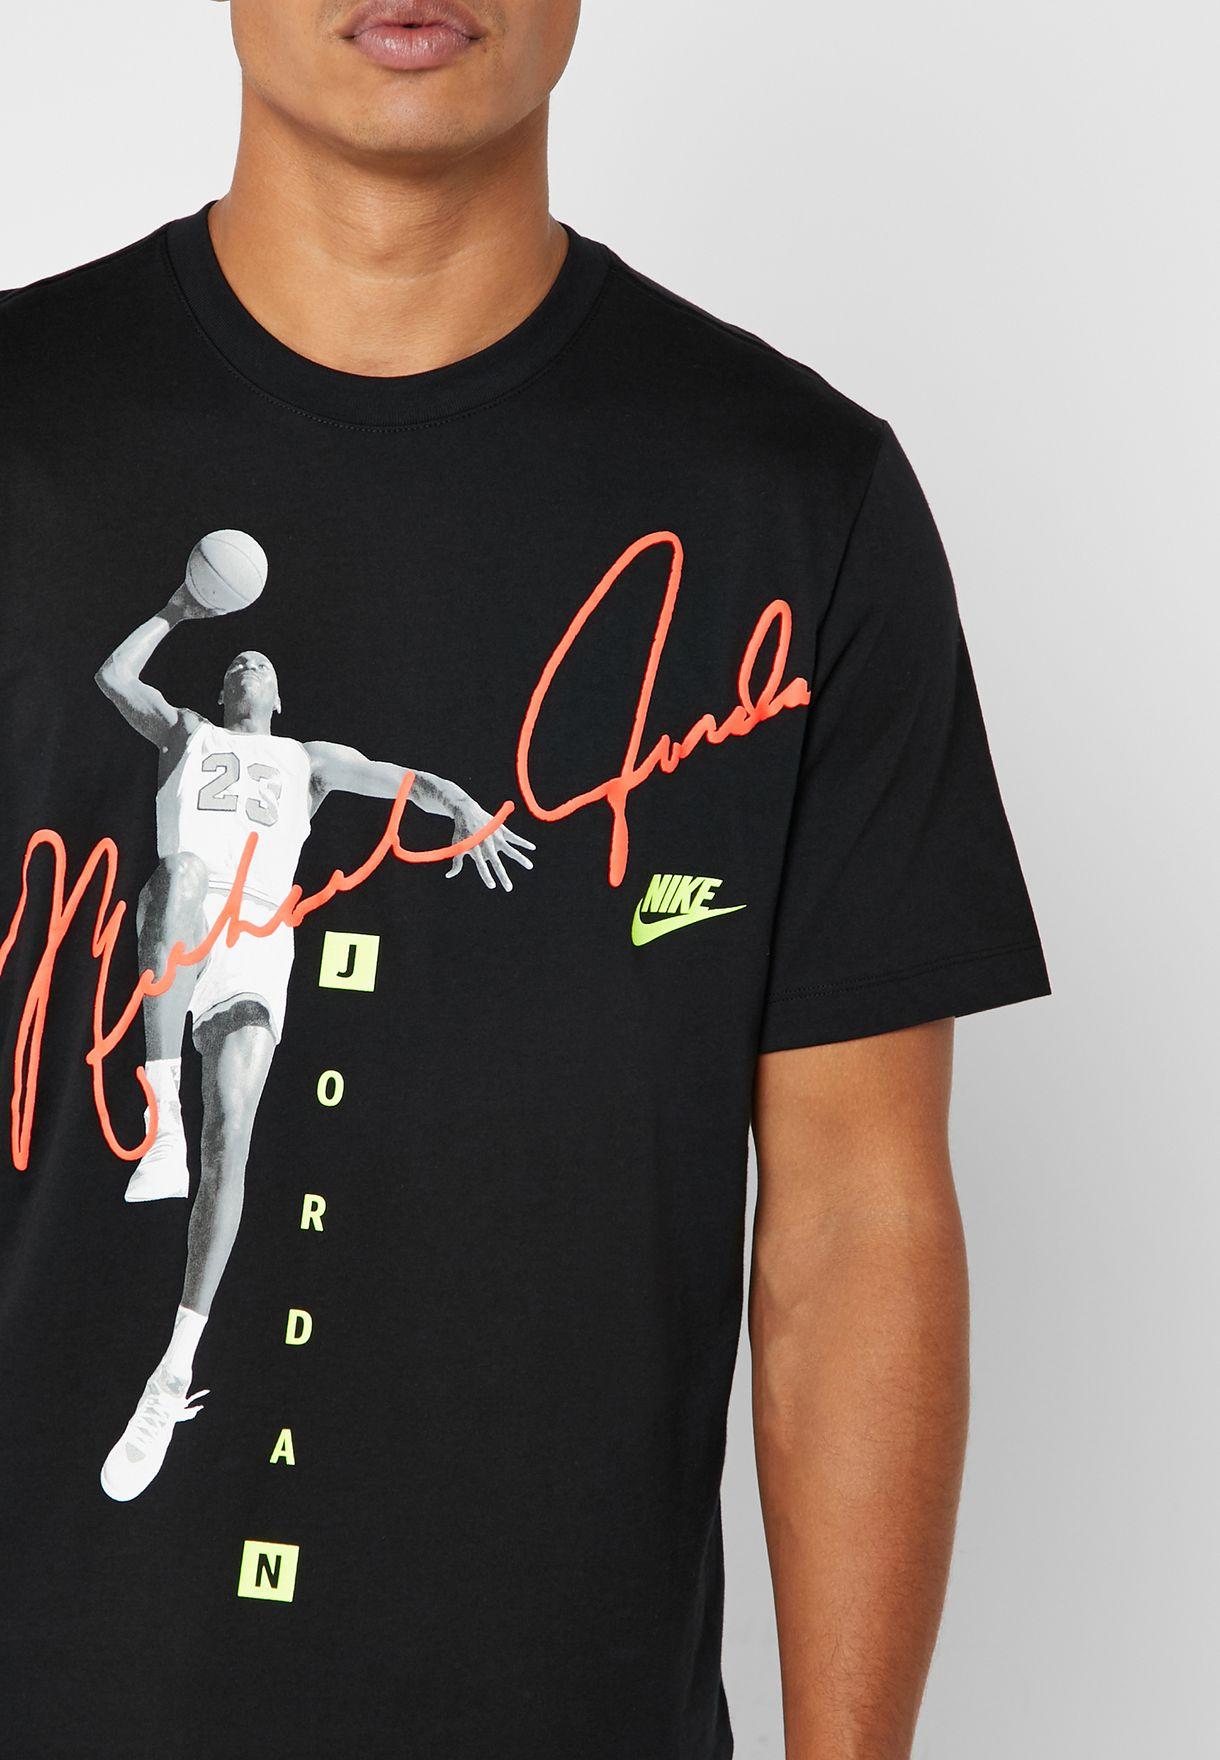 58d4a840fd23 Shop Nike black Micheal Jordan Signature T-Shirt AO0687-010 for Men ...